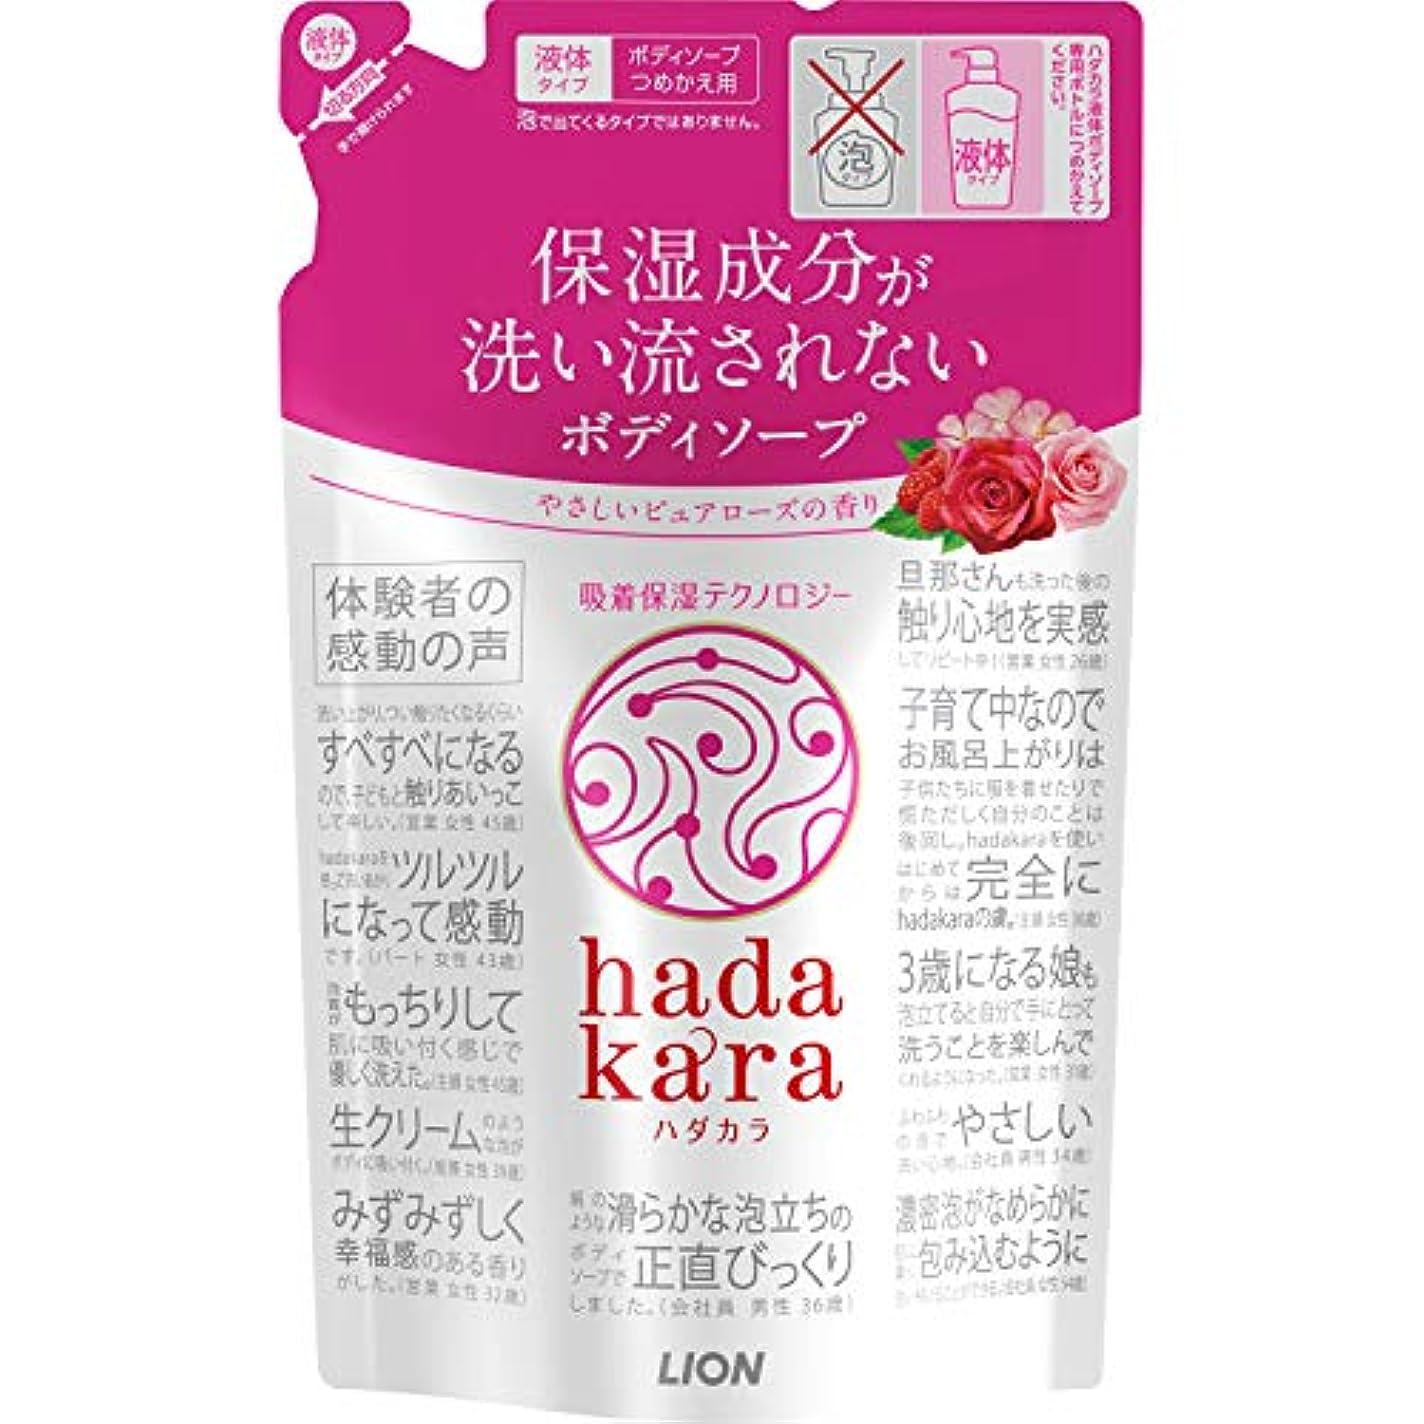 仮装飼料予想外hadakara ボディソープピュアローズ 詰替 360ml